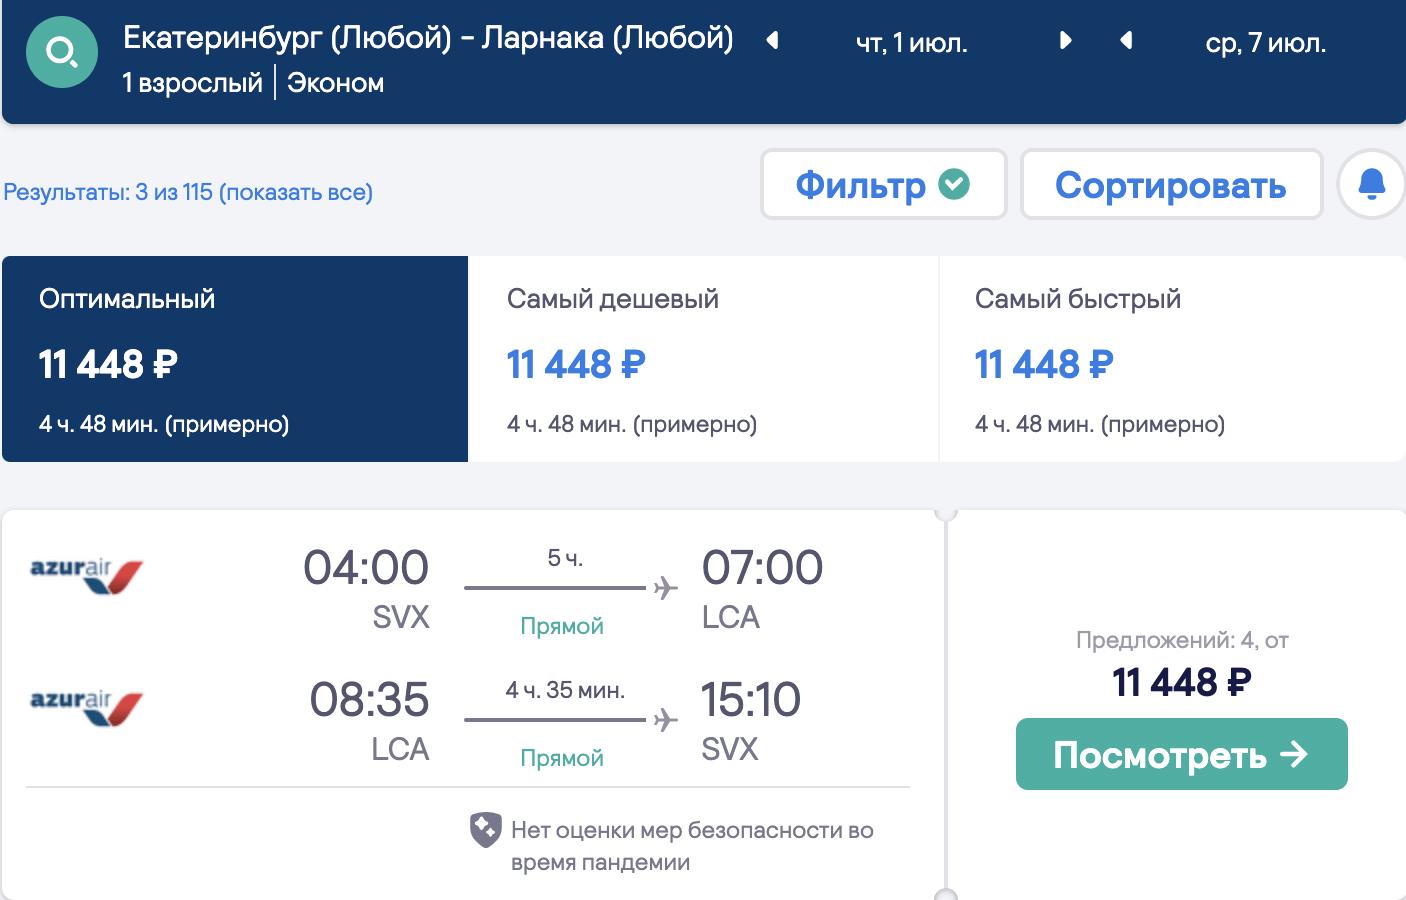 Екатеринбург, лови! Дешевые чартеры на Кипр за 11400₽ туда-обратно